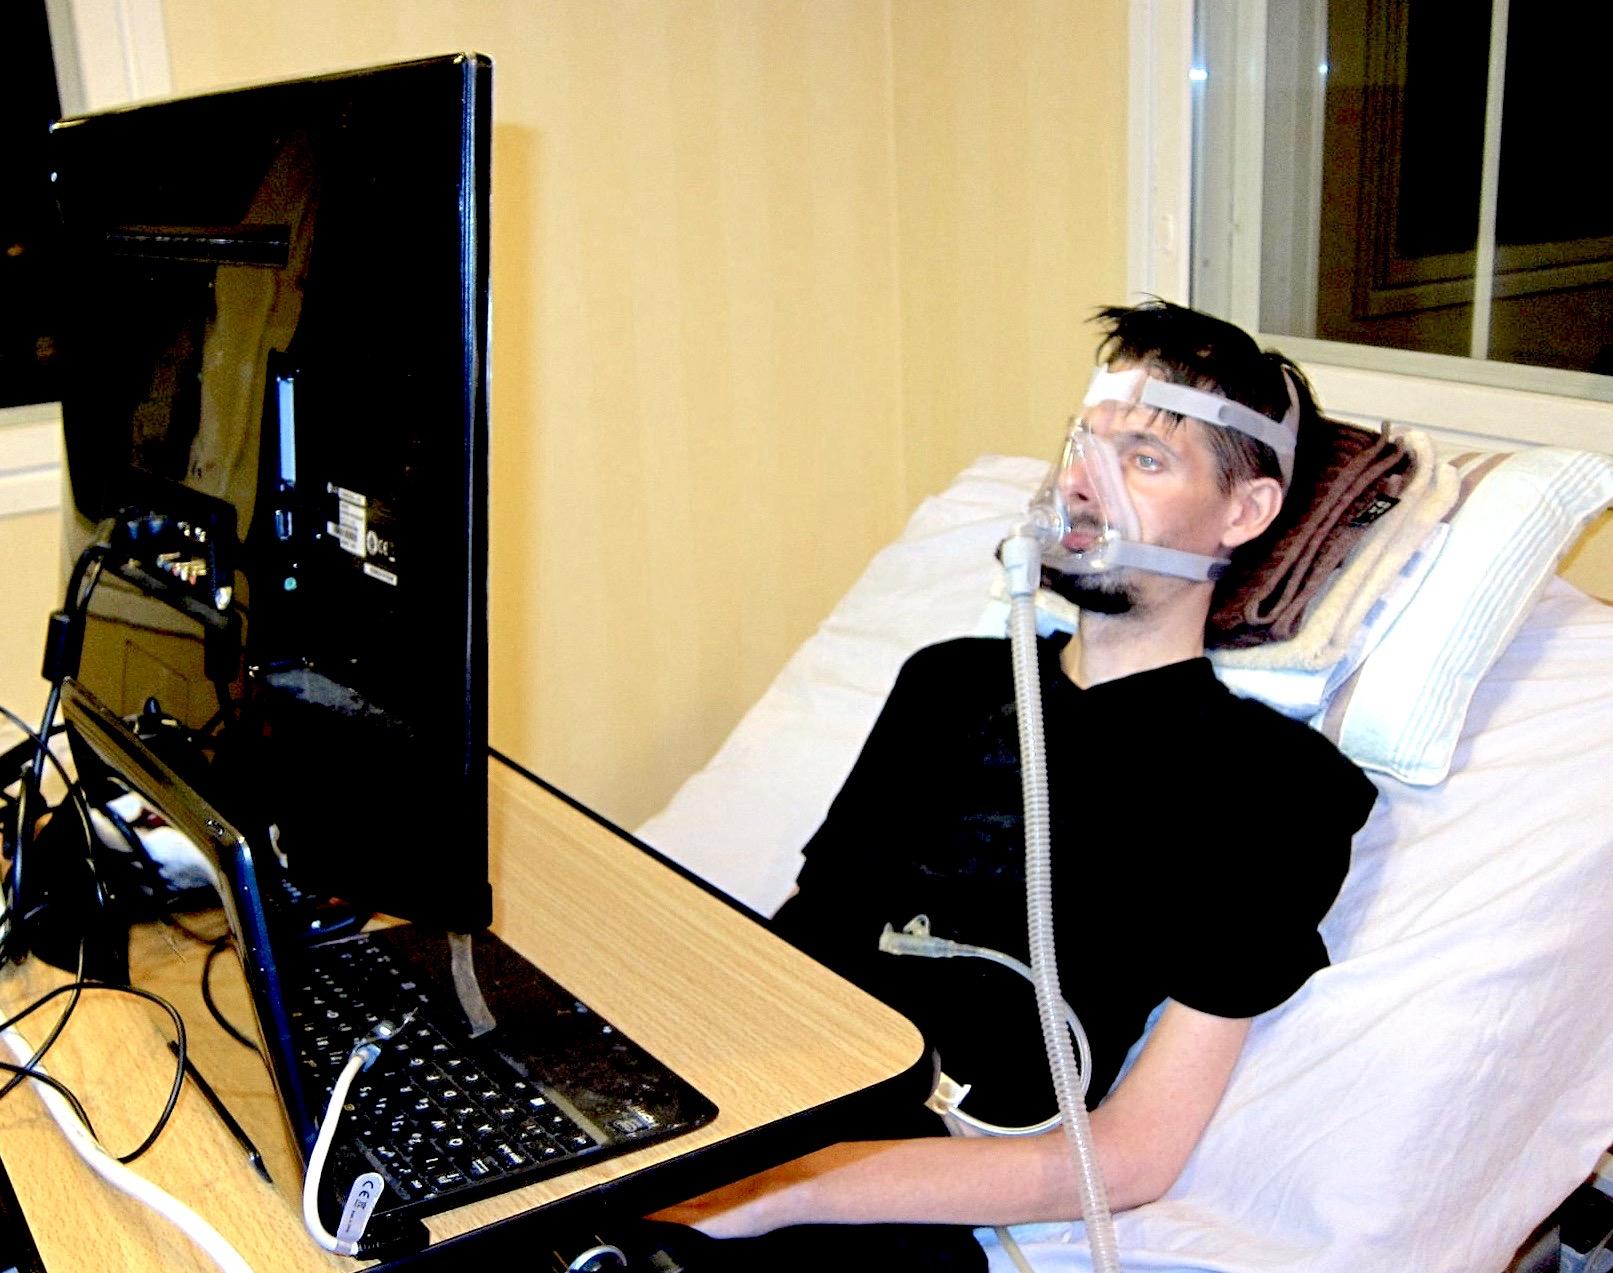 hengityskoneessa olevan potilaan hoito